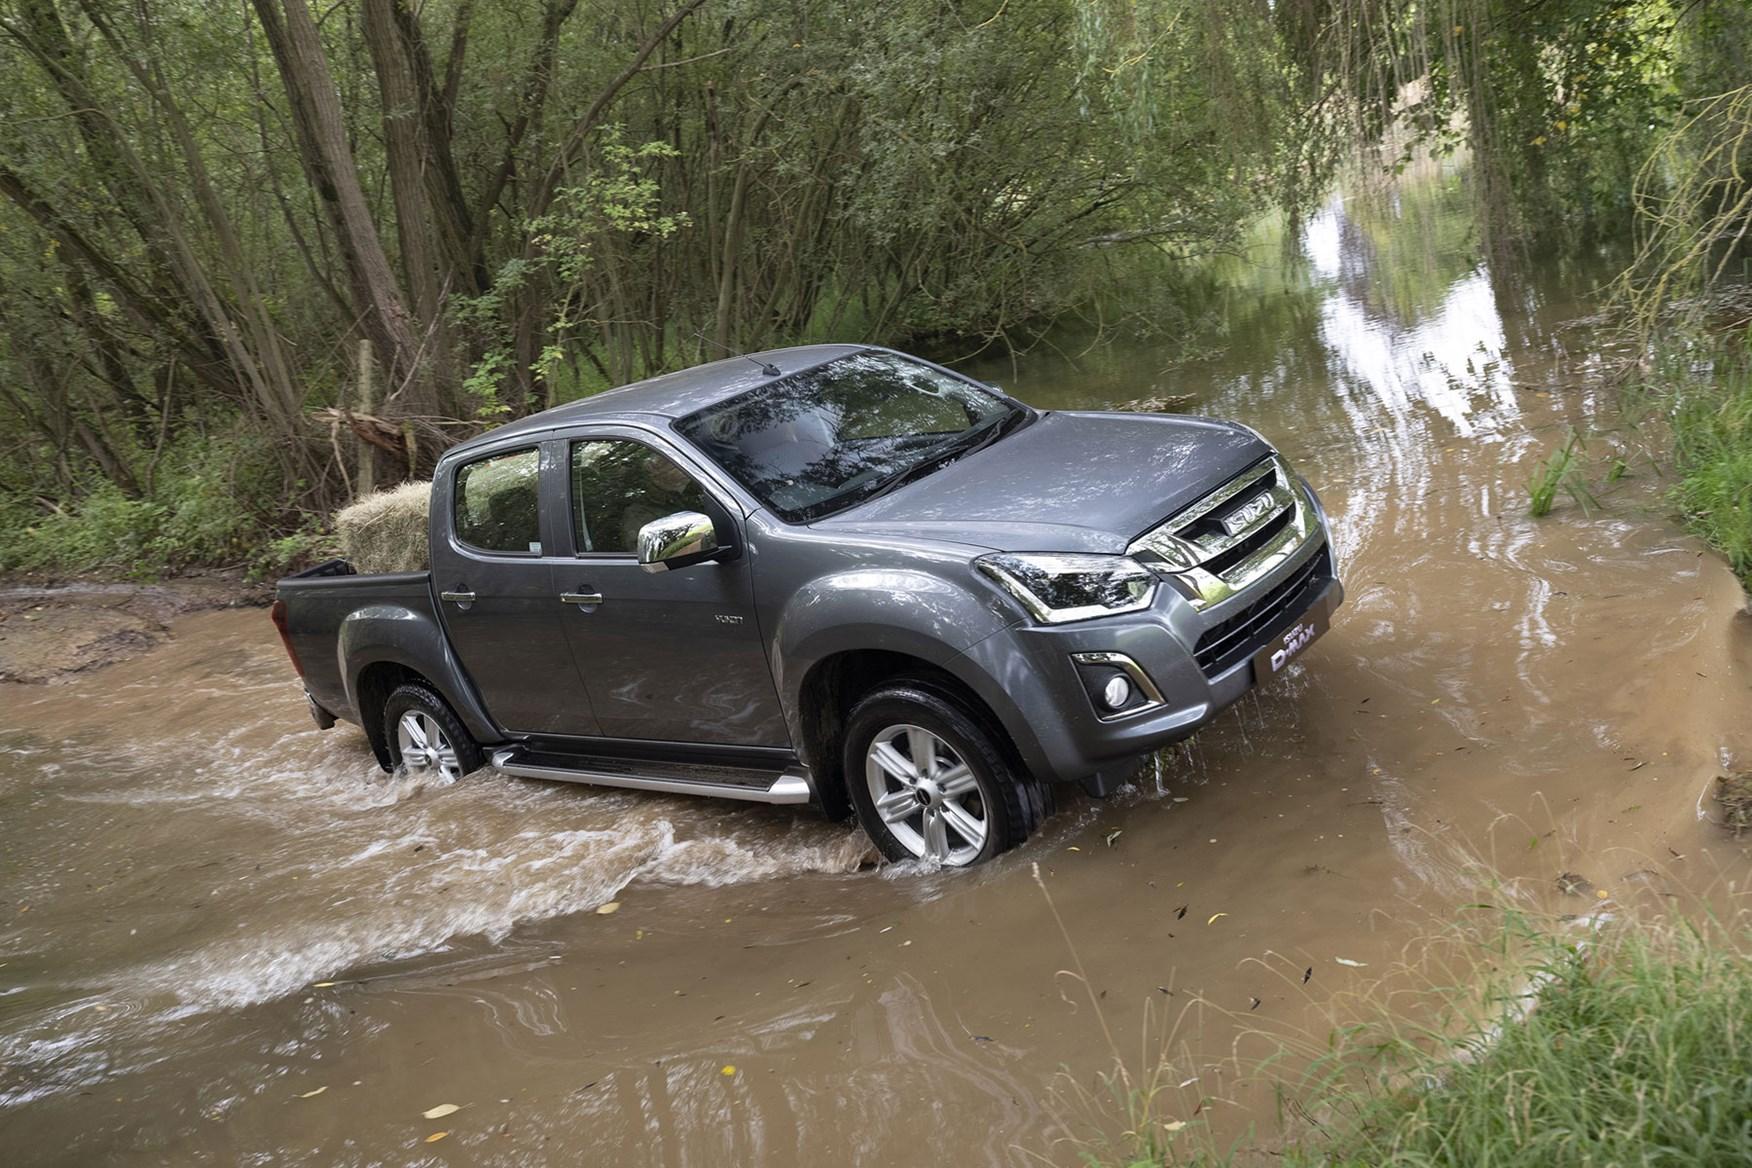 Isuzu D-Max Yukon review - wading through muddy water, grey